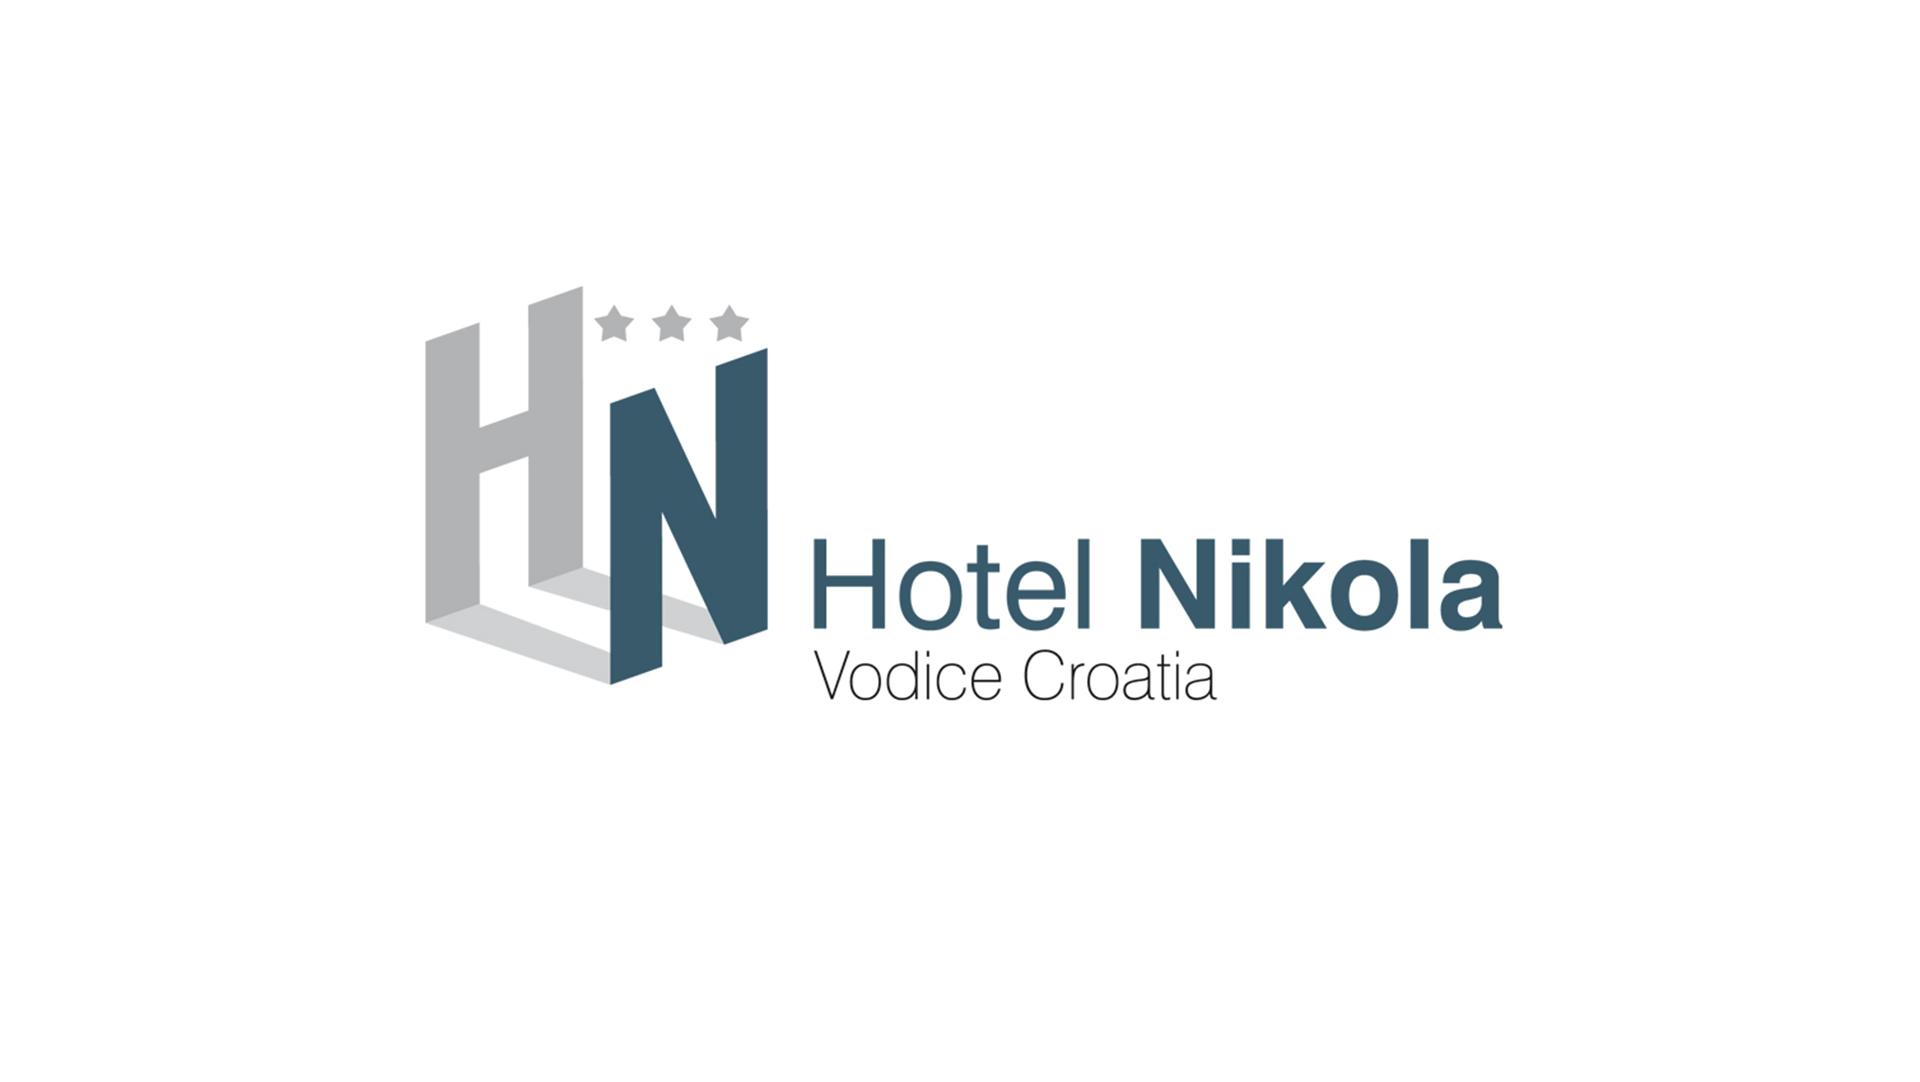 Vizualni identitet hotela